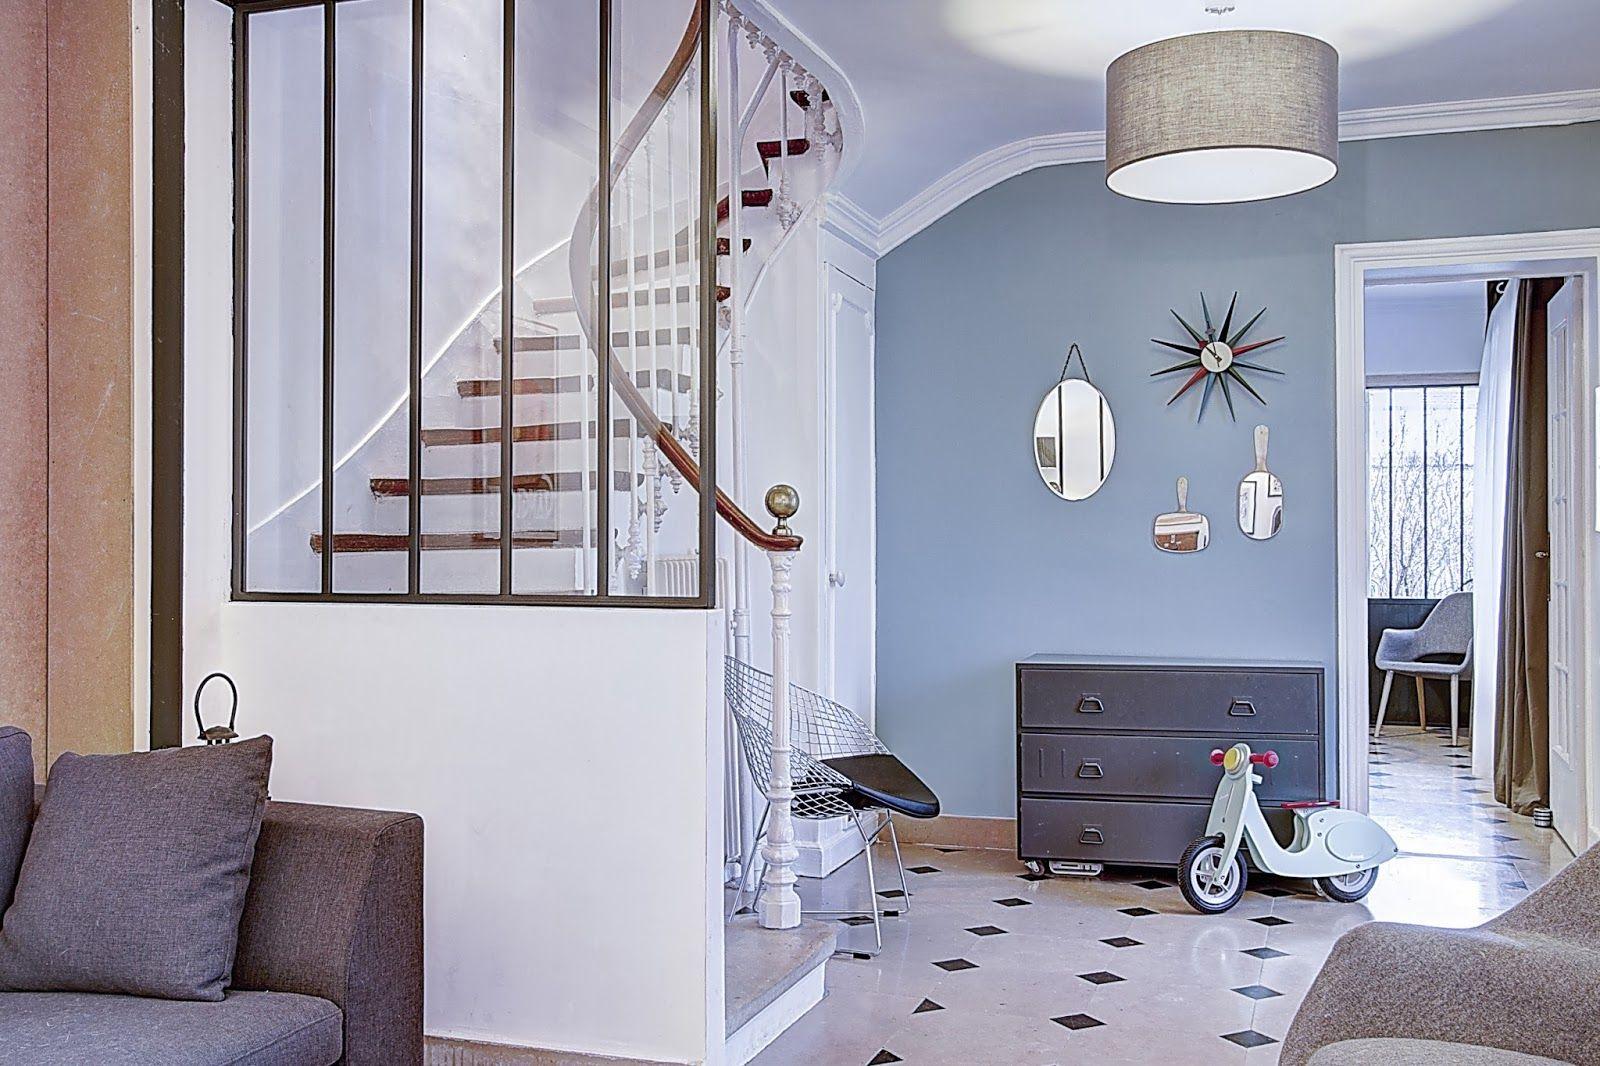 Entrée de maison habillage escalier carrelage cuisine maison style escaliers cloisons couloir couleur mur montreuil